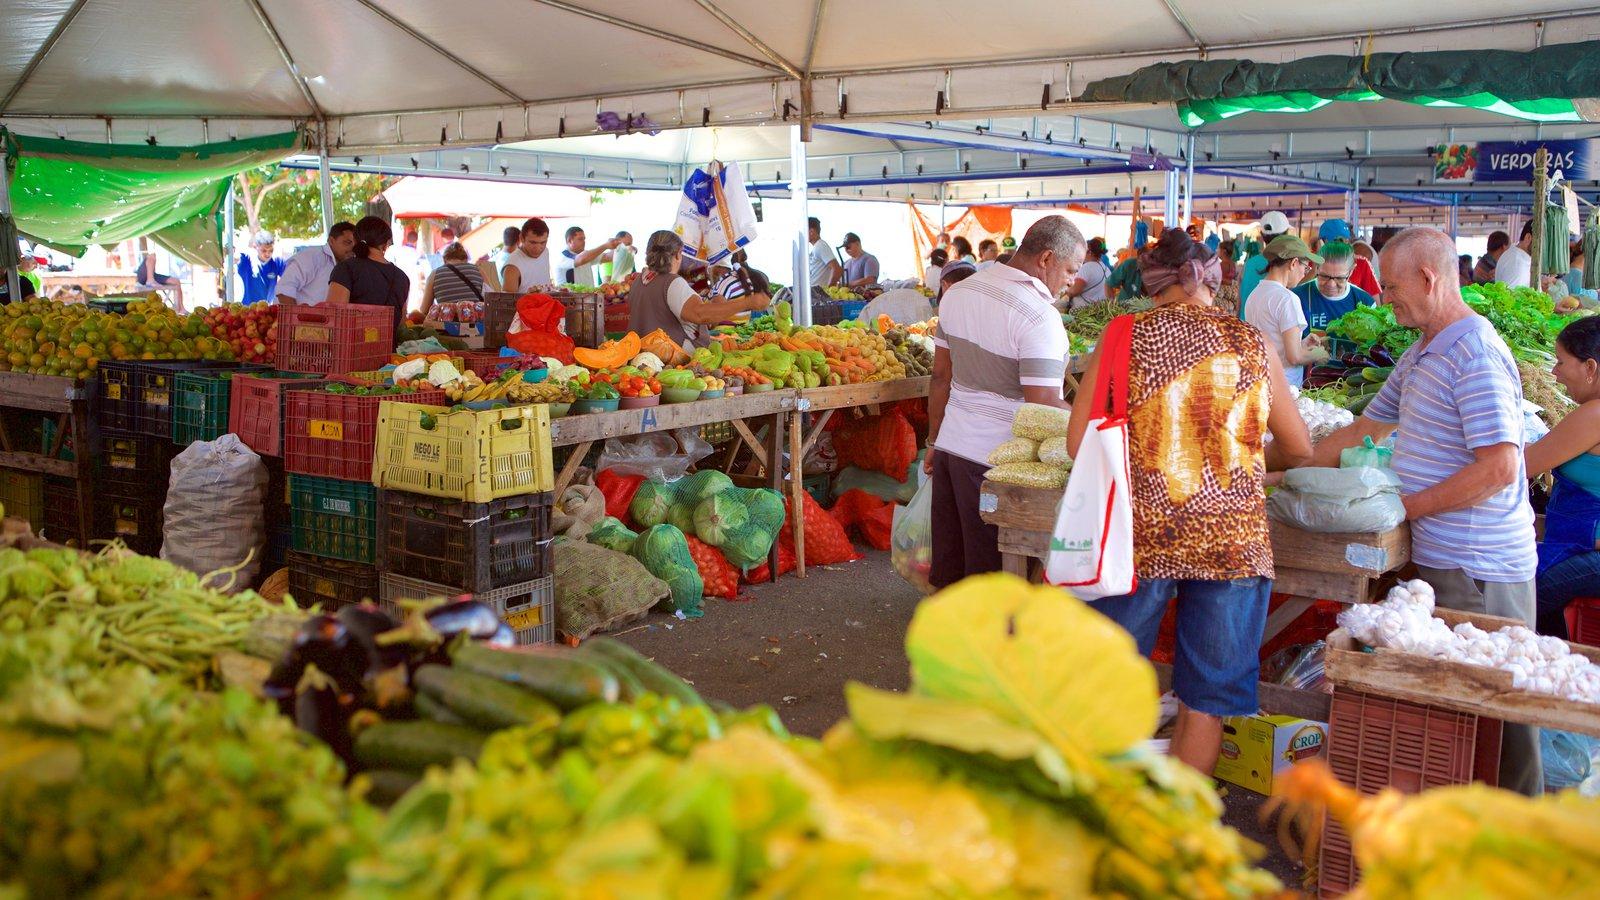 Natal mostrando mercados e comida assim como um grande grupo de pessoas